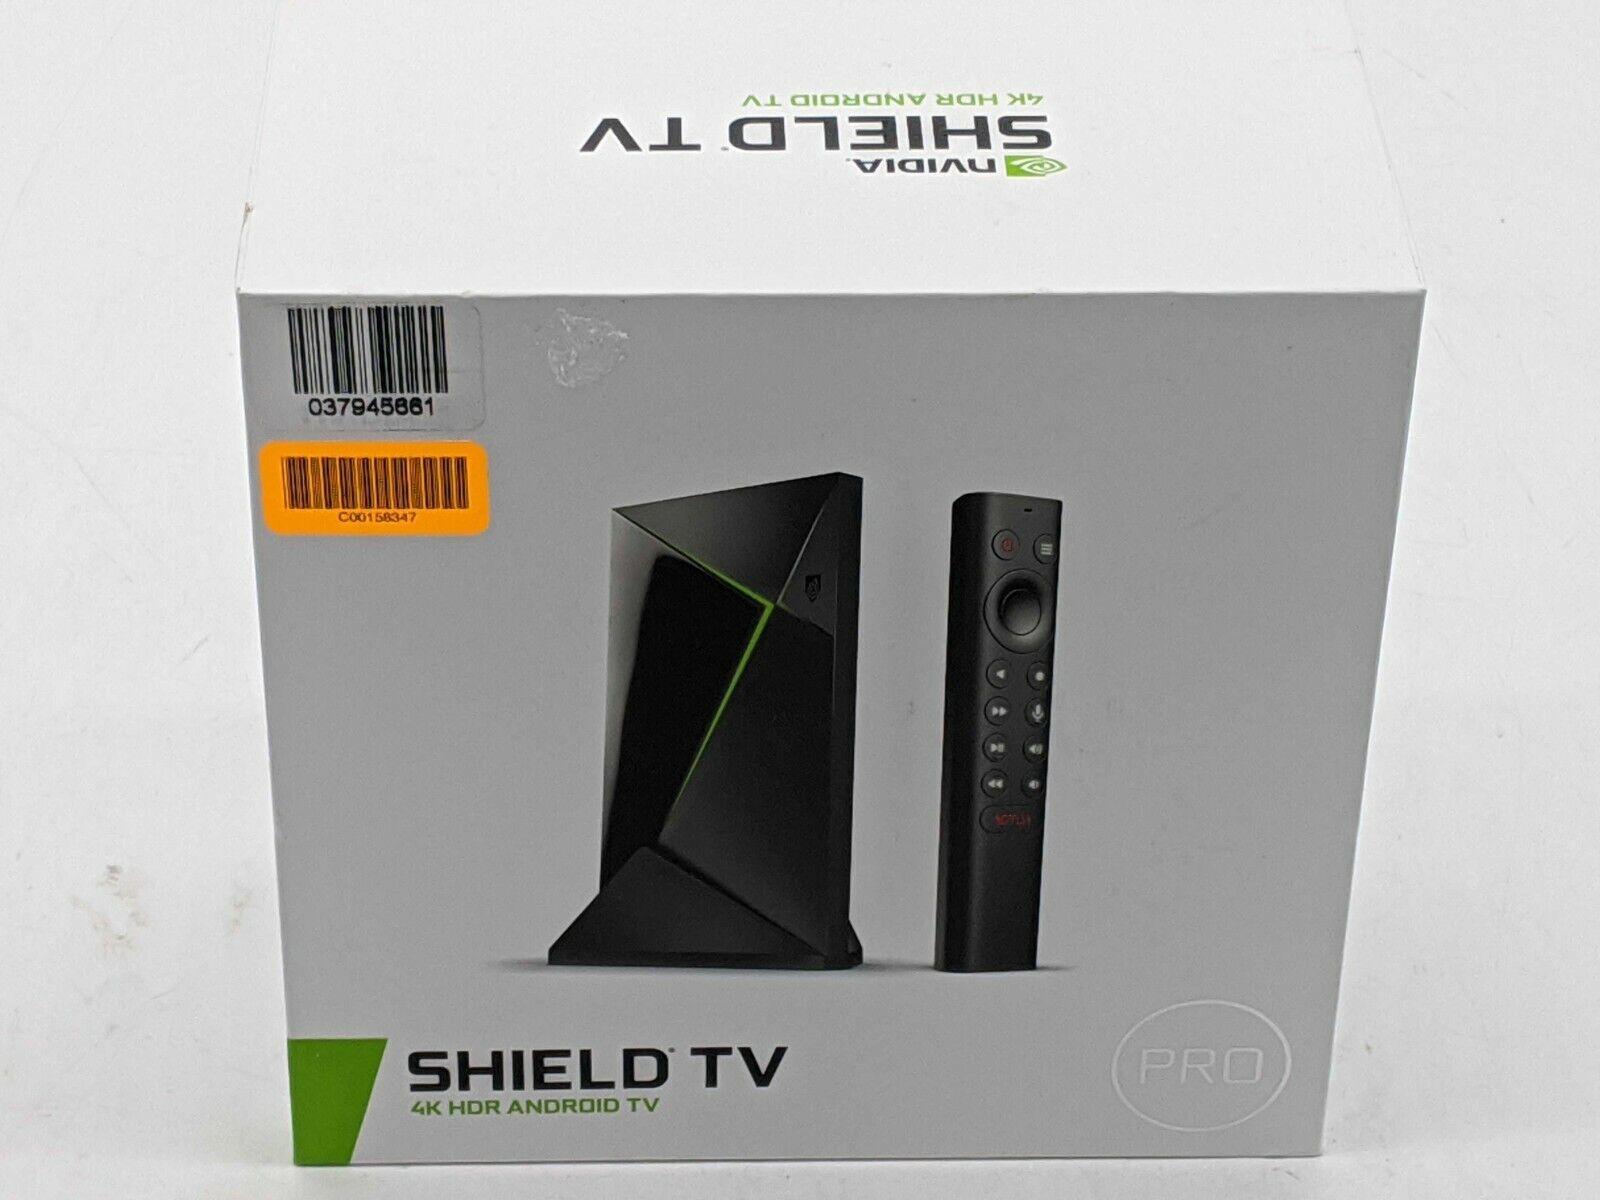 New NVIDIA Shield TV 4K UHD Streaming Media Player 945-12897-2500-101 -J7966 media new nvidia player shield streaming uhd